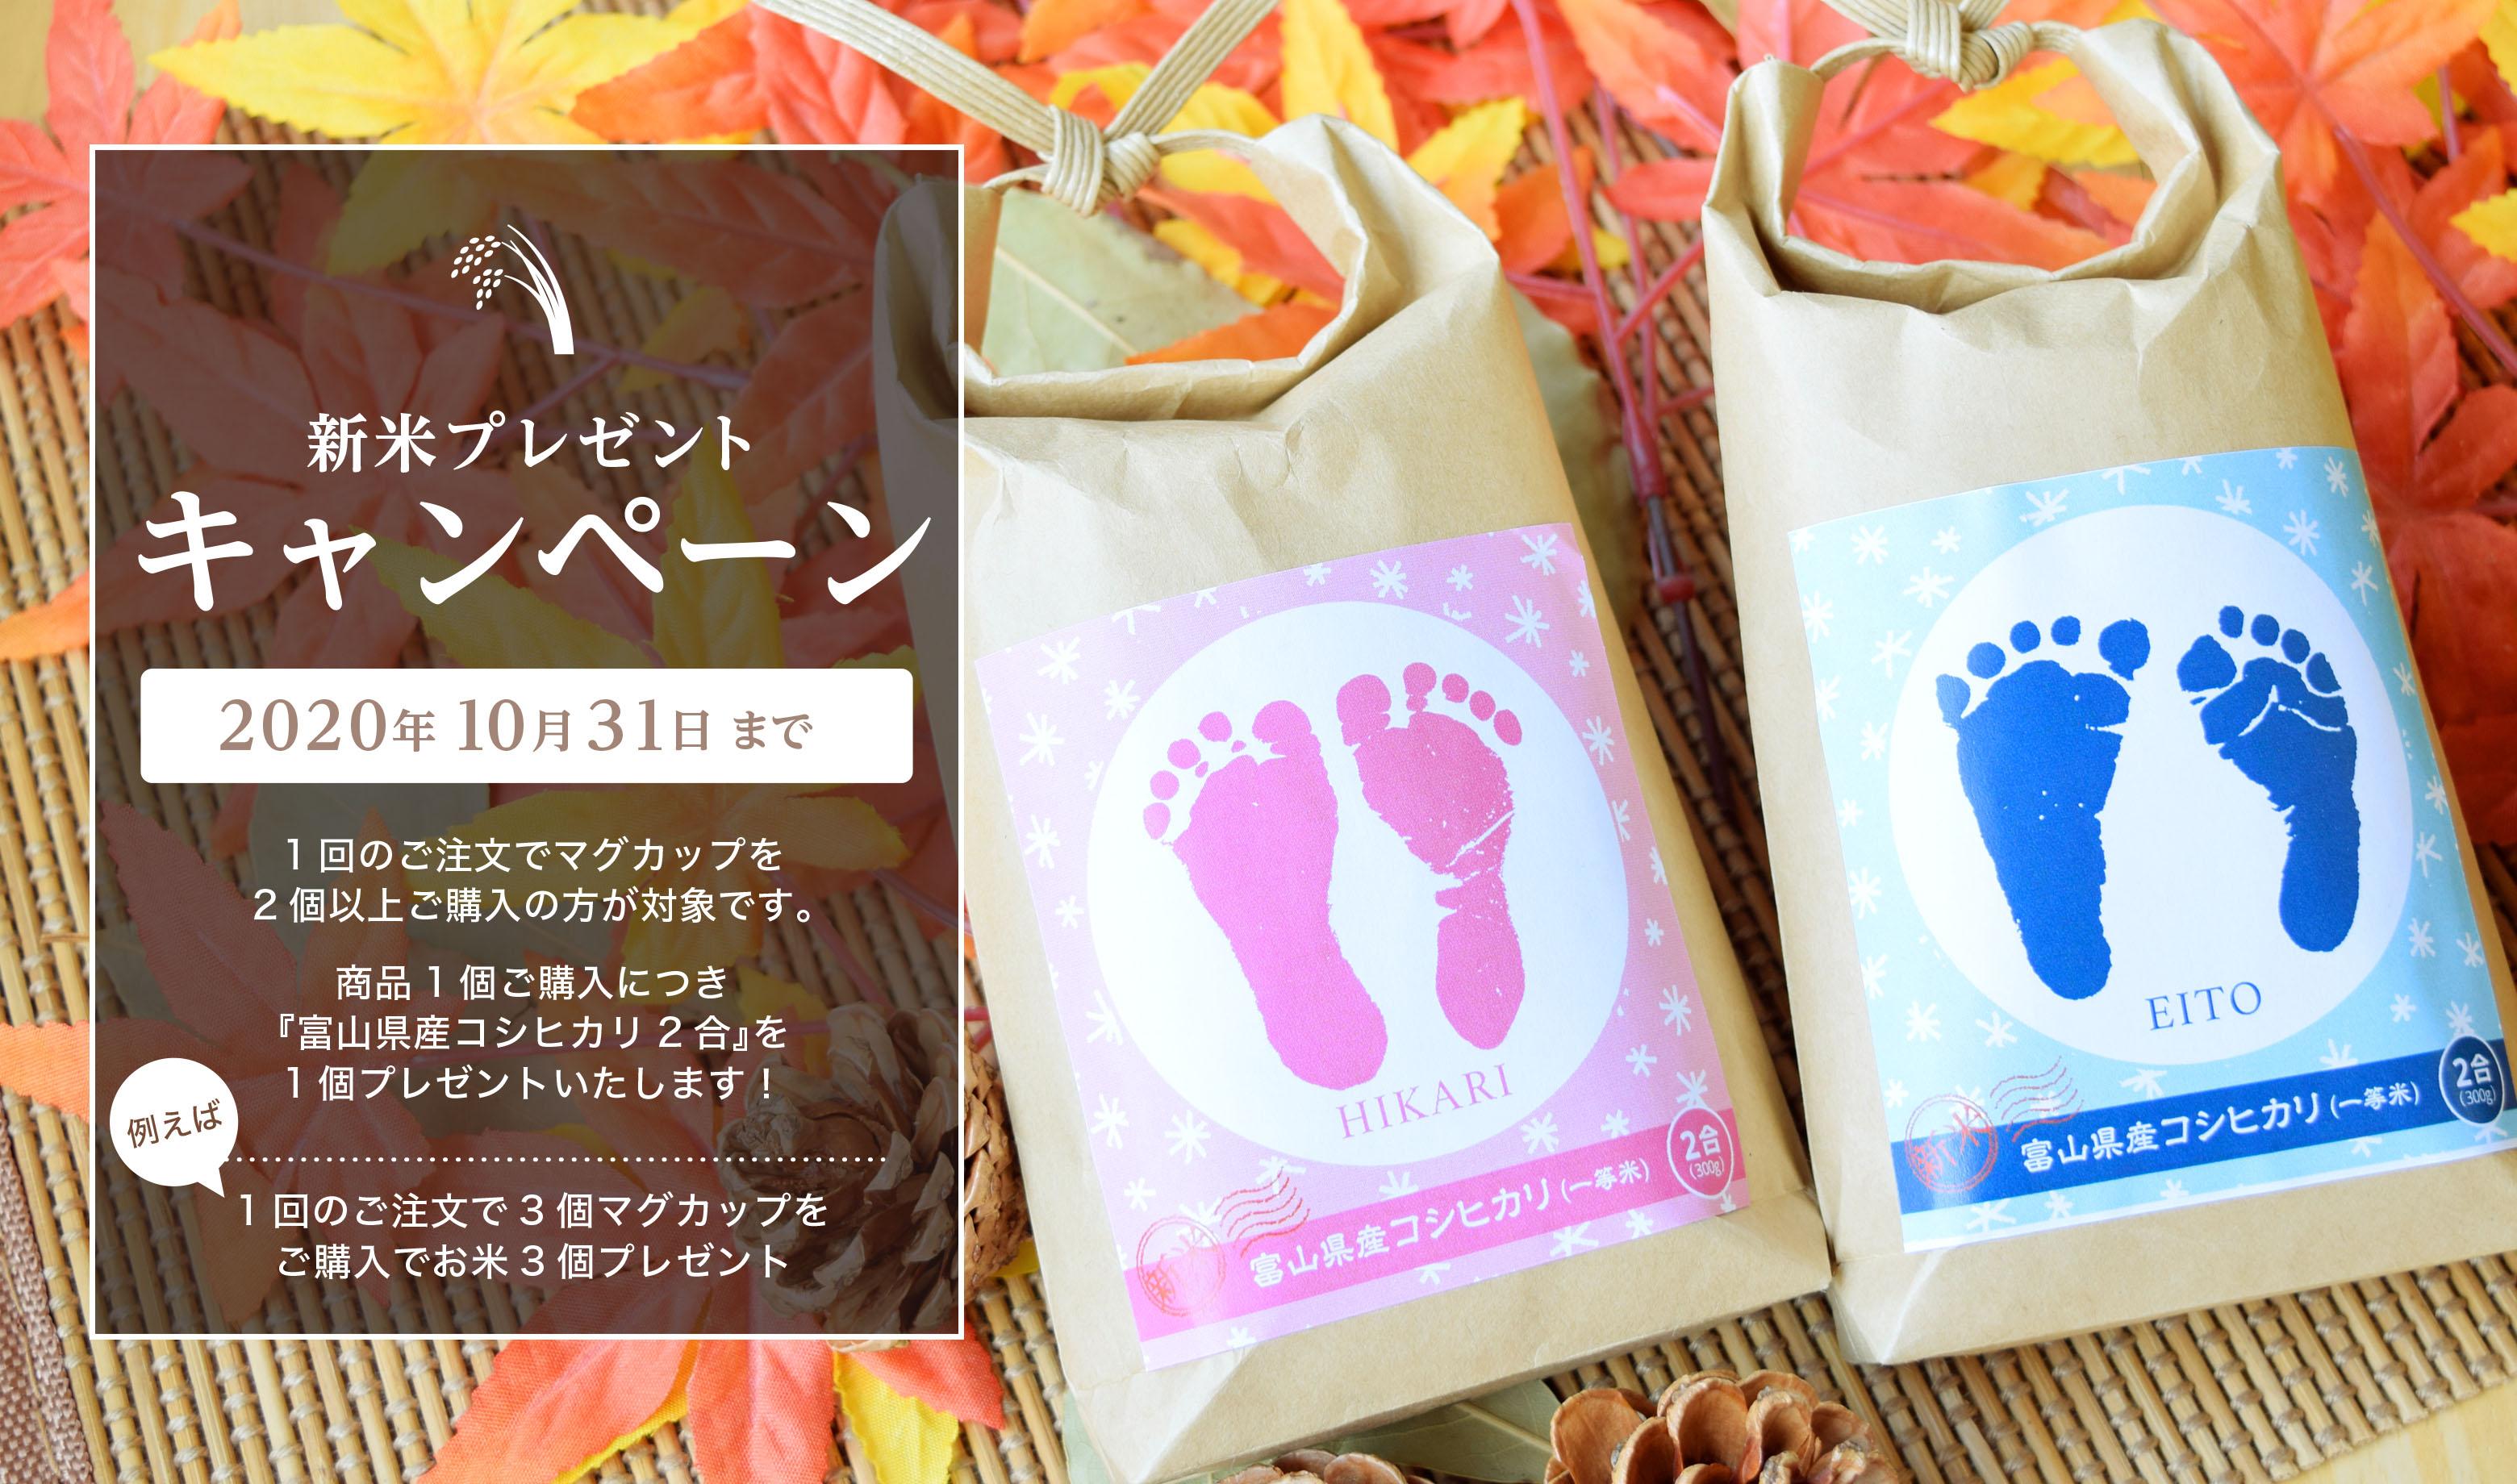 """""""新米ママに""""【新米プレゼント】キャンペーン"""